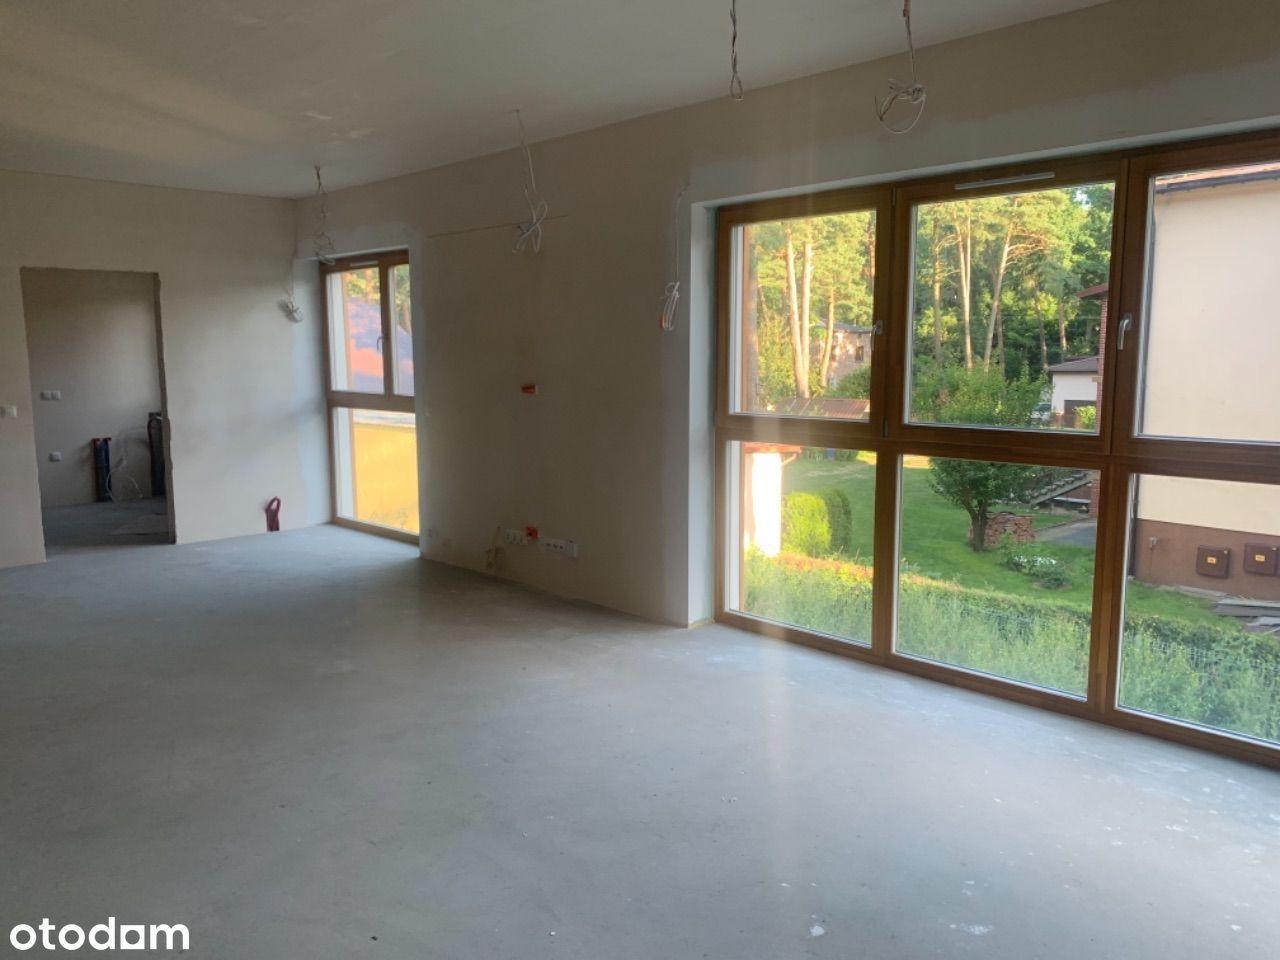 Apartament 103m2 w Podkowie Leśnej + TARAS 35m2